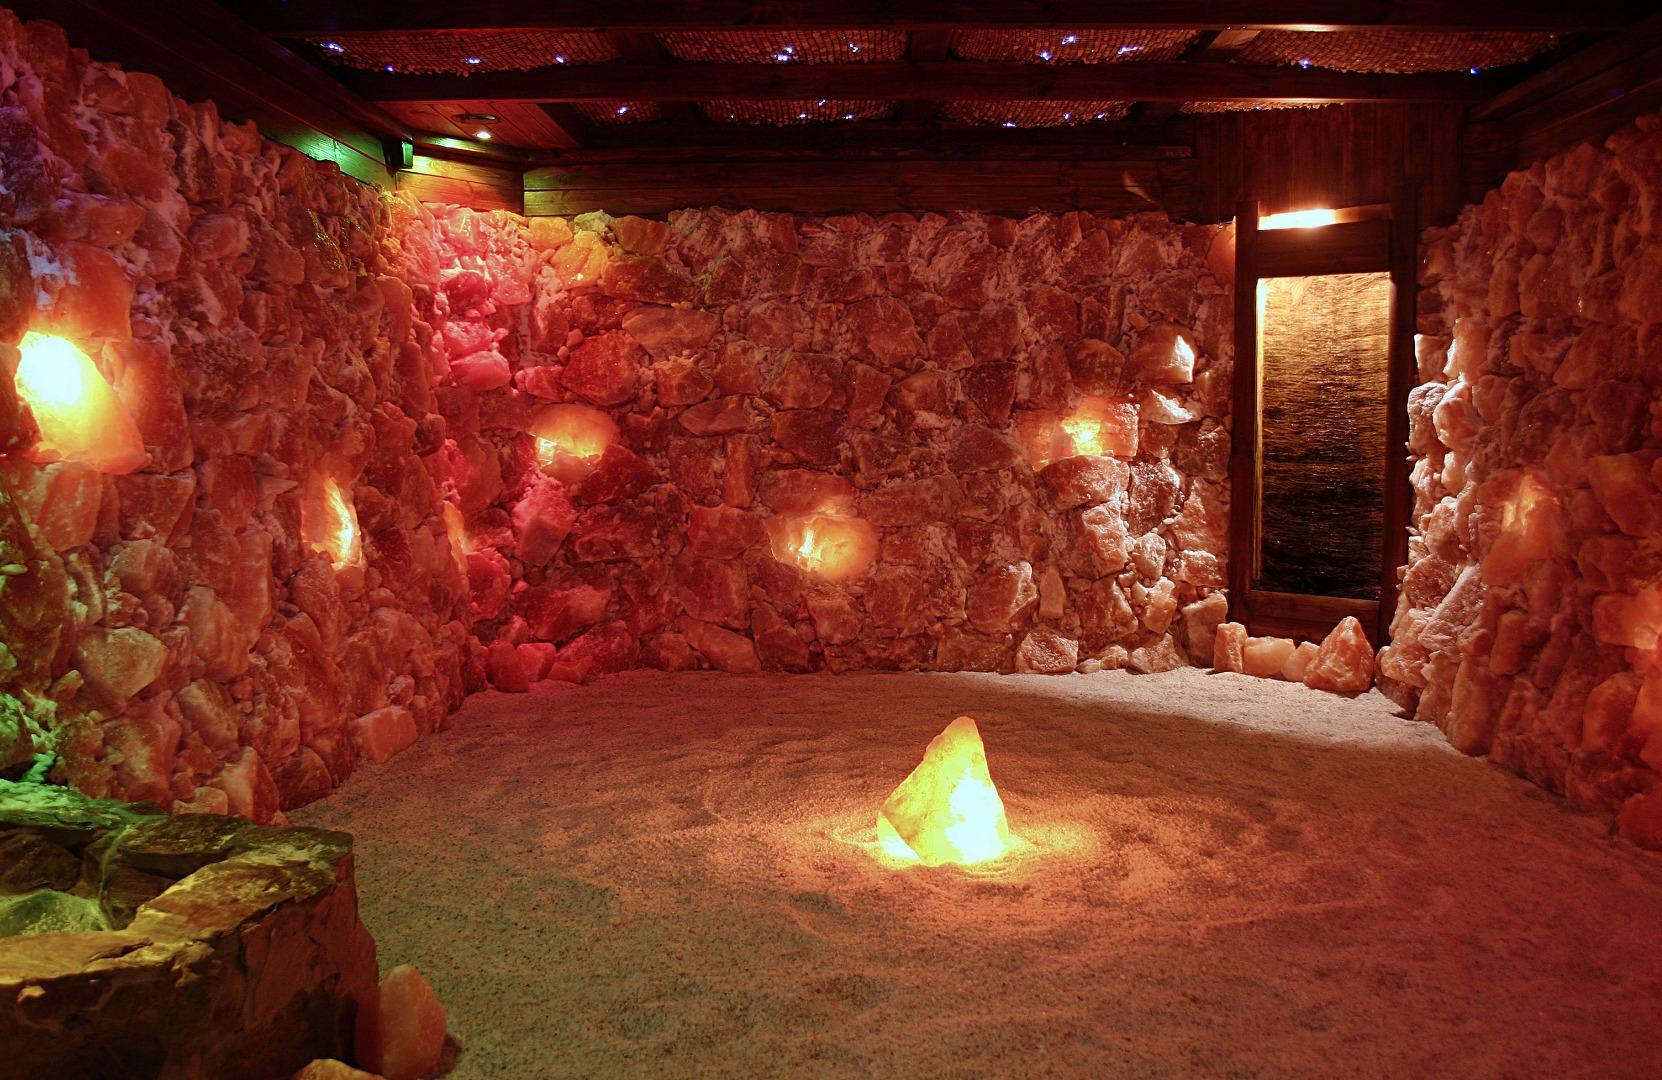 Foto 2 Oferta Gimnasio La Cova de sal de Sant Cugat Sant Cugat del Vallès - GymForLess